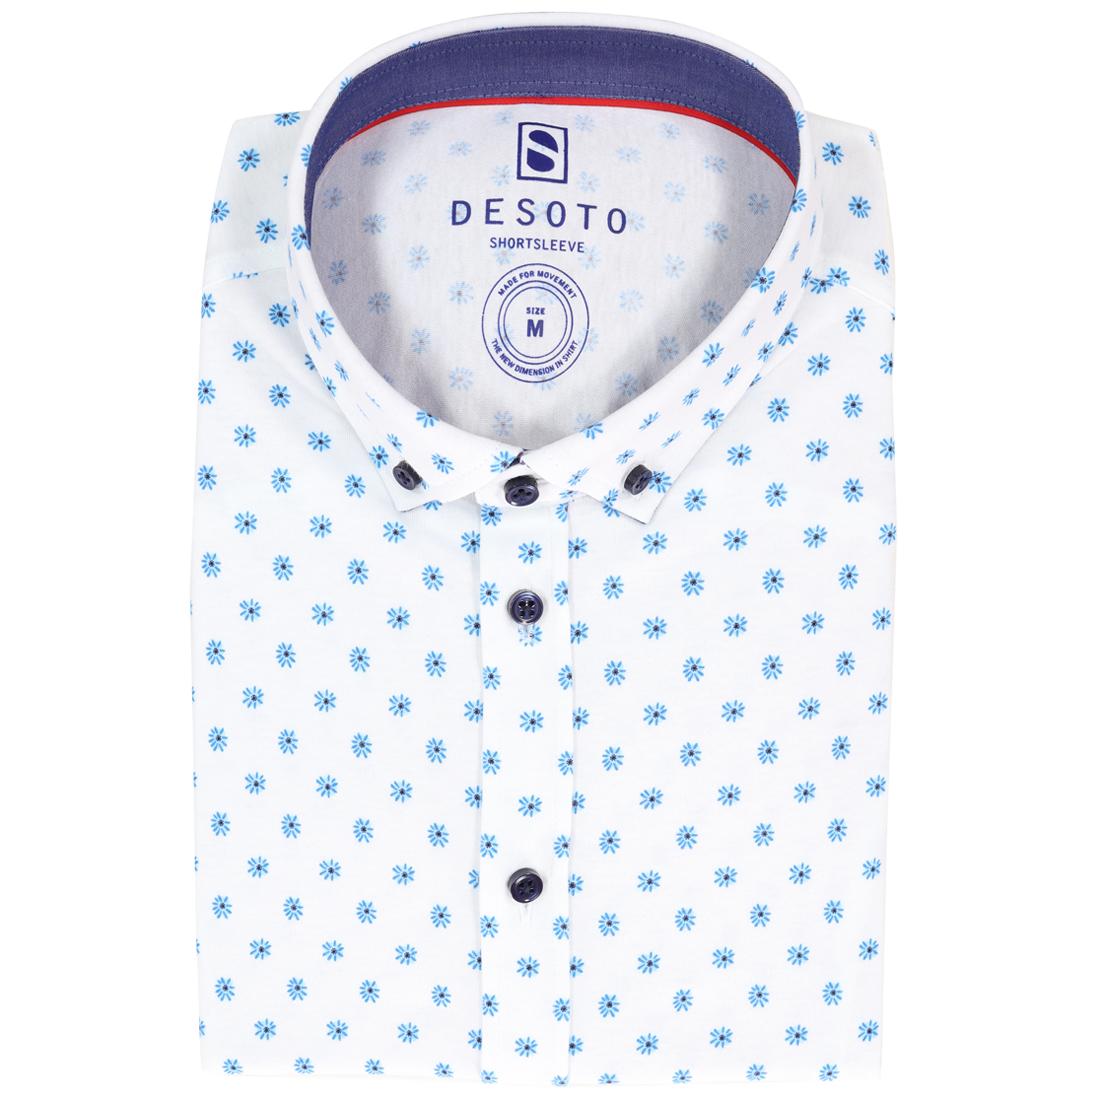 Desoto overhemd Slim Fit 90931-3 in het Wit/Blauw